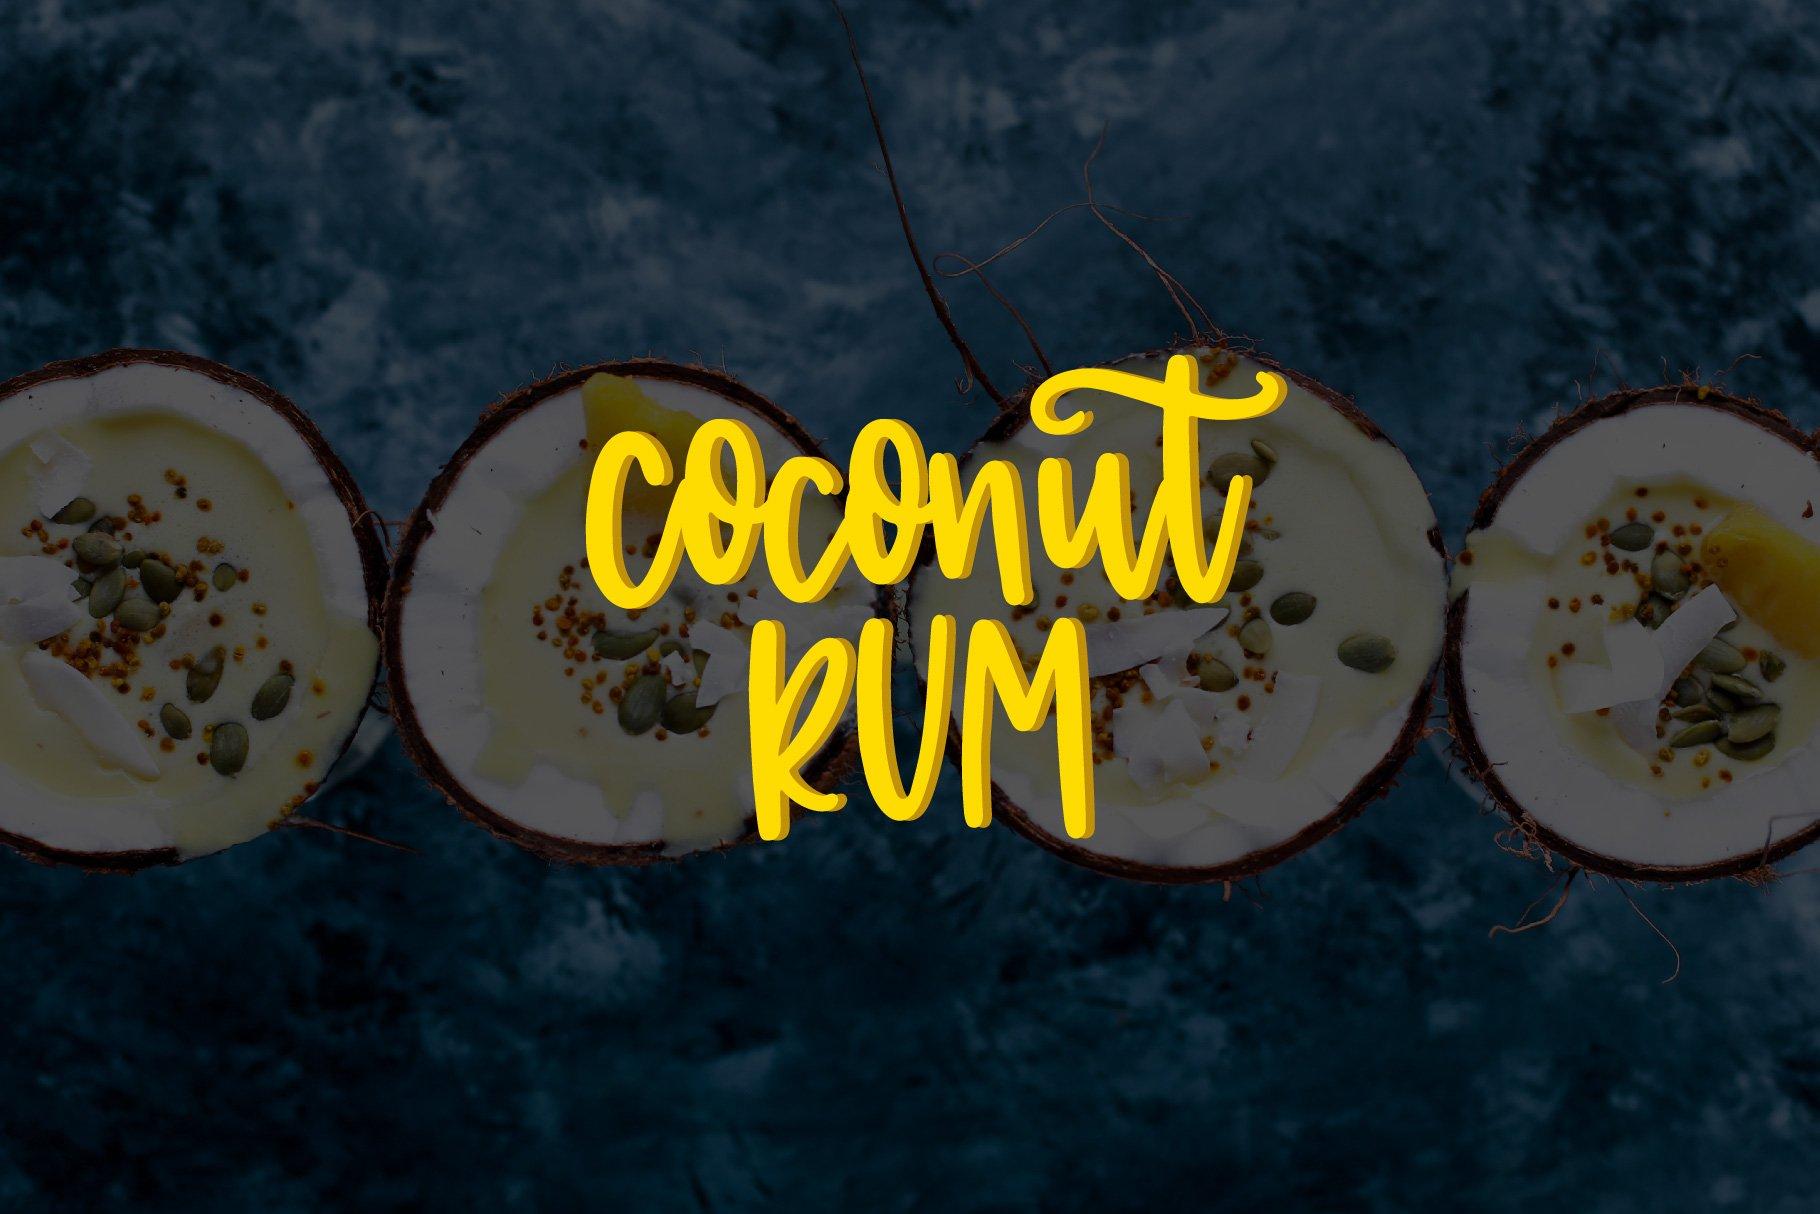 Coconut Rum